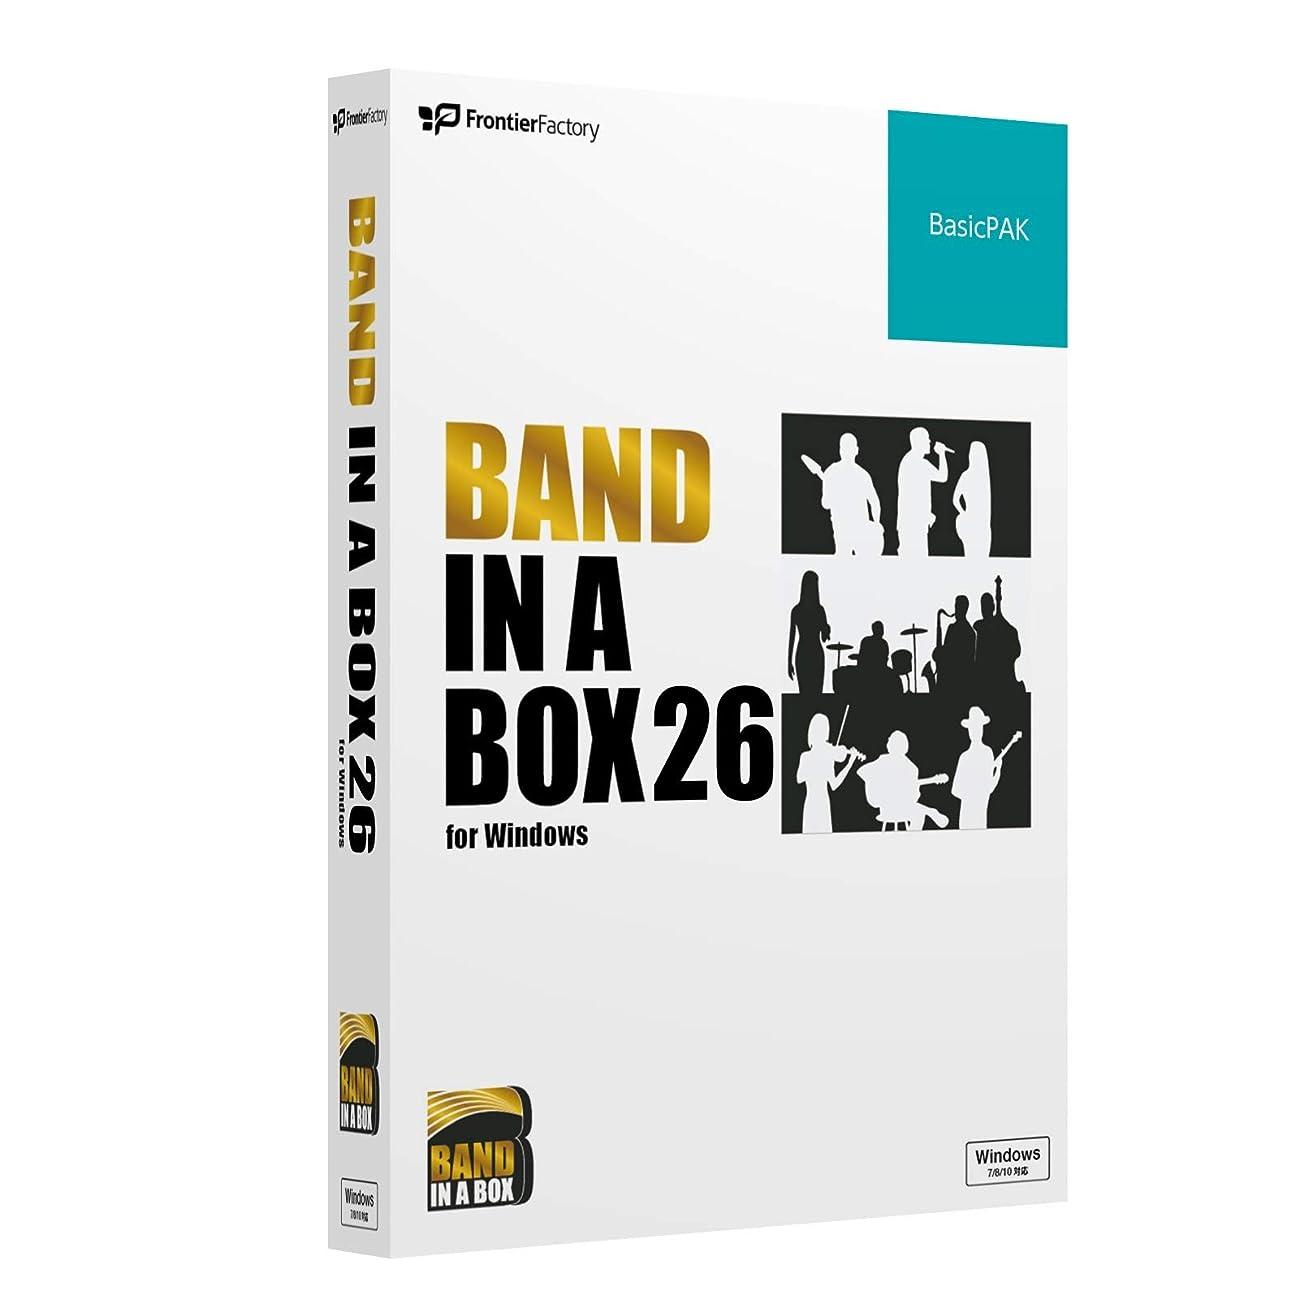 湿原欲望準備したPG Music ピージーミュージック/Band-in-a-Box 26 for Win BasicPAK バンドインアボックス